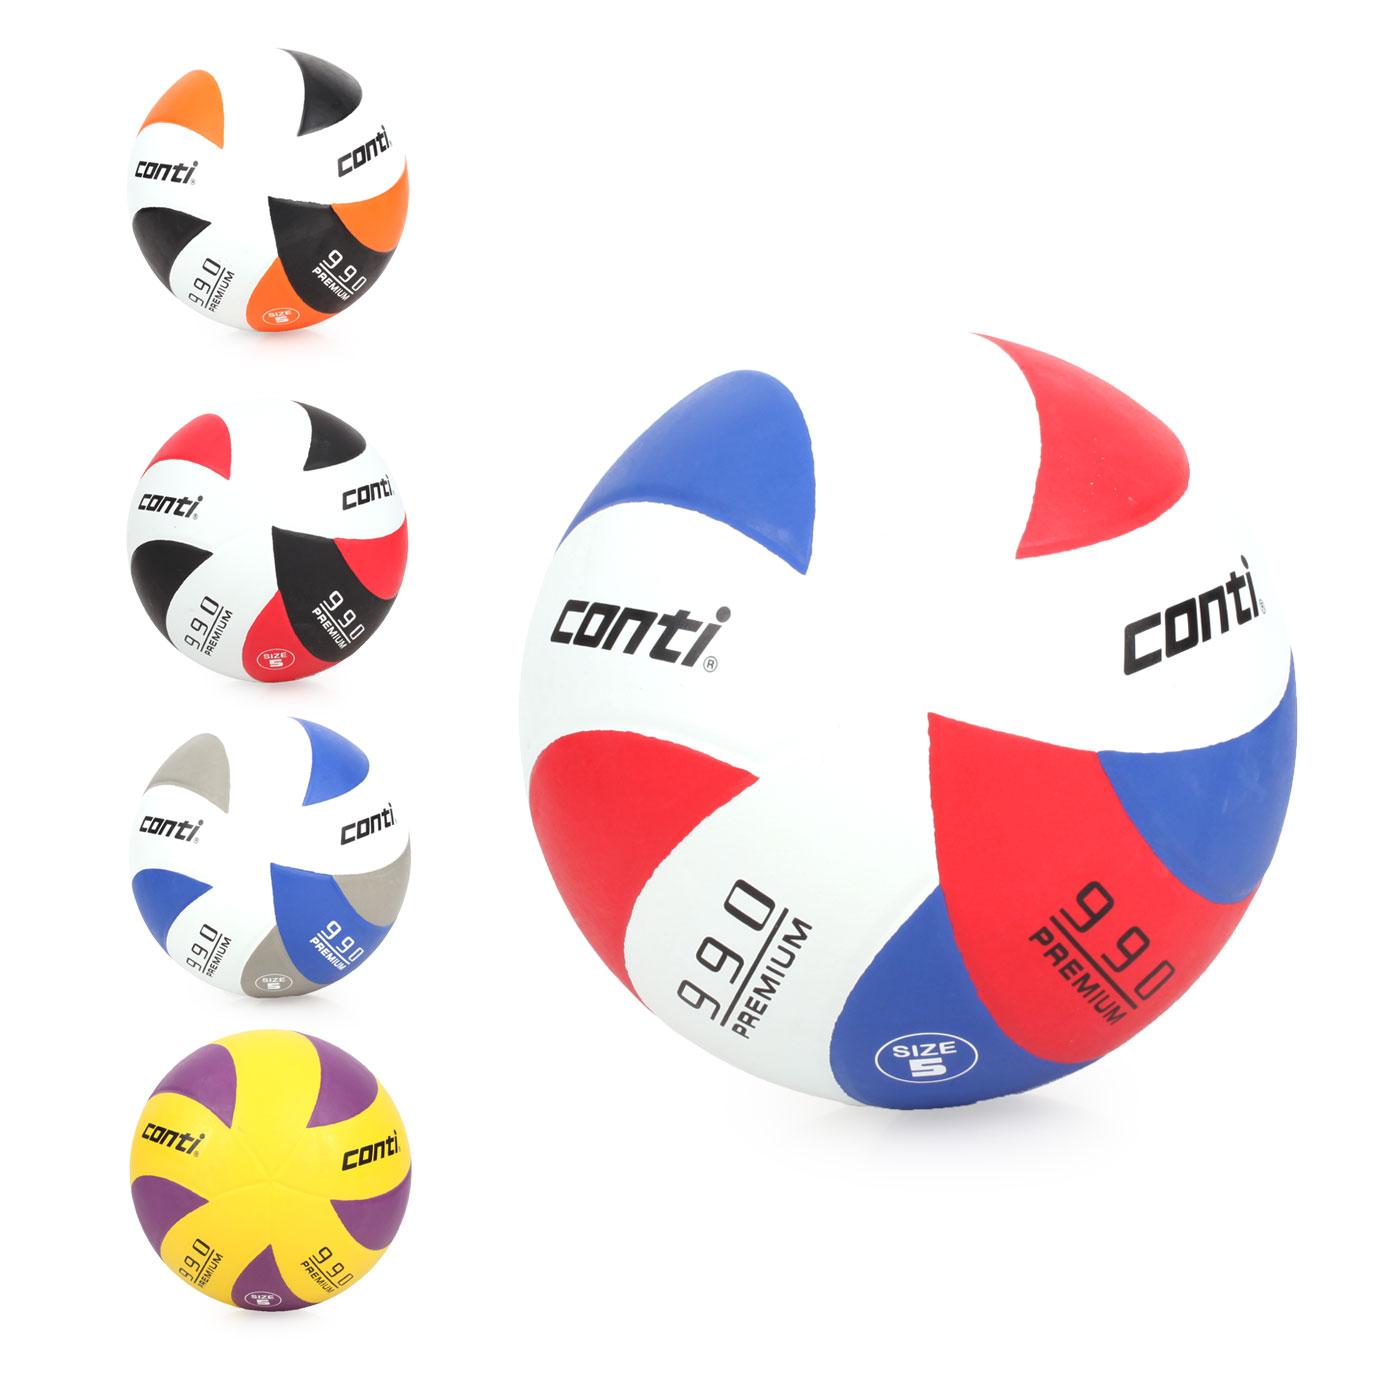 詠冠conti 5號頂級超世代橡膠排球 CONTIV990-5-WBKO